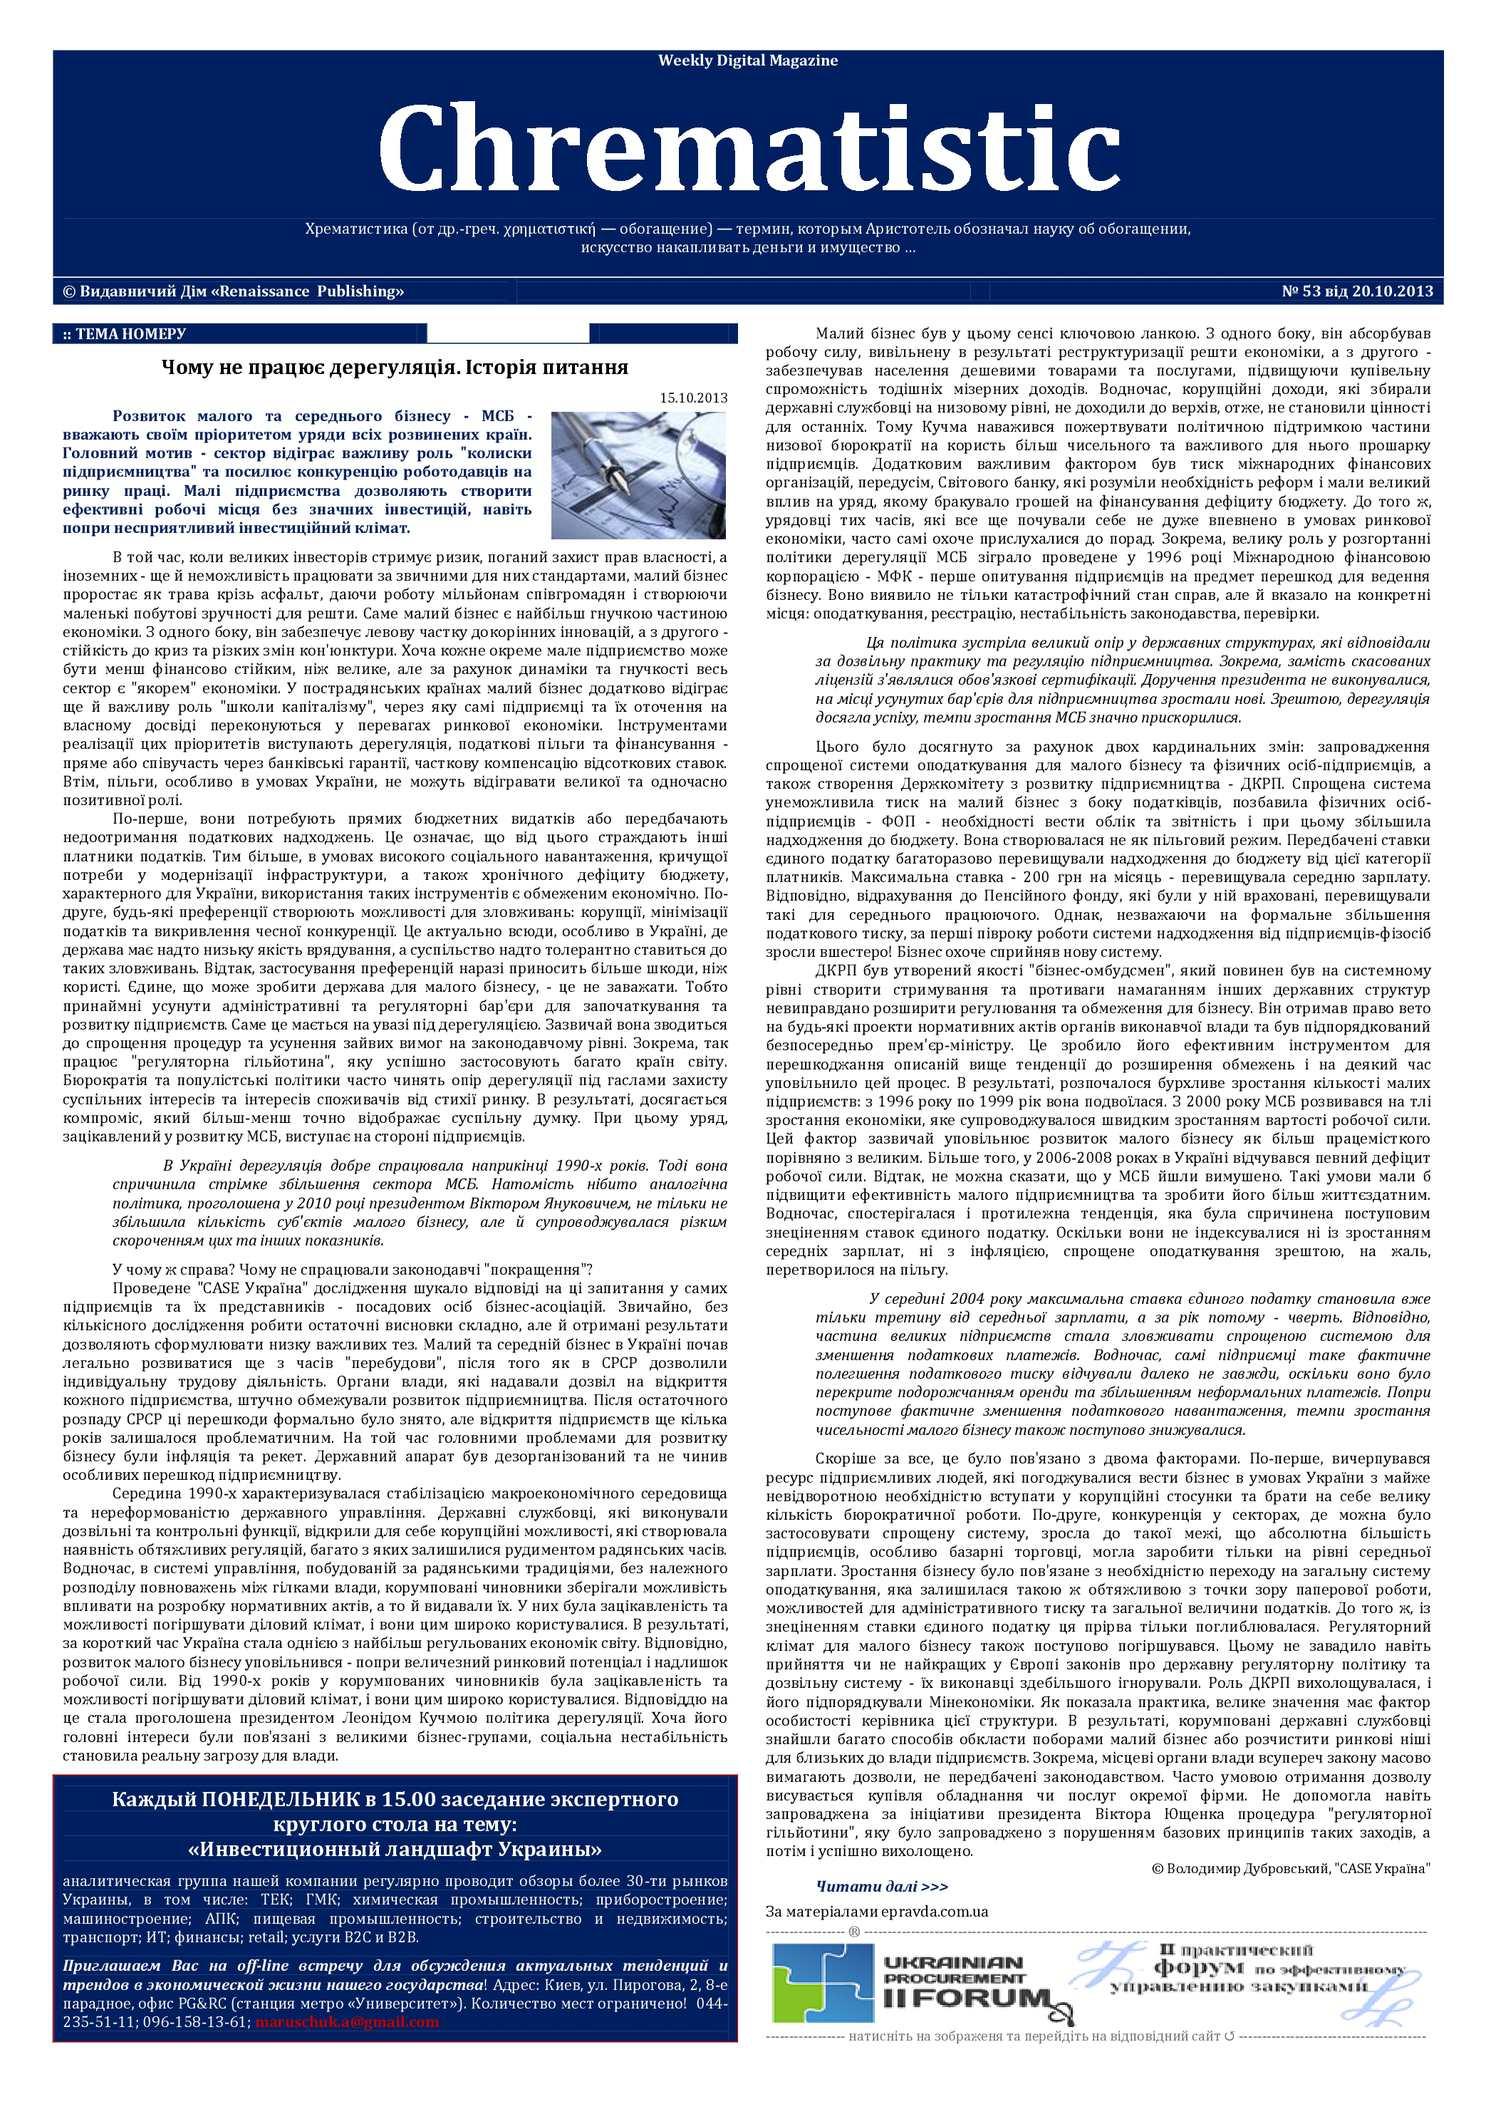 6abccc55bed679 Calaméo - №53 WDM «Chrematistic» от 20.10.2013